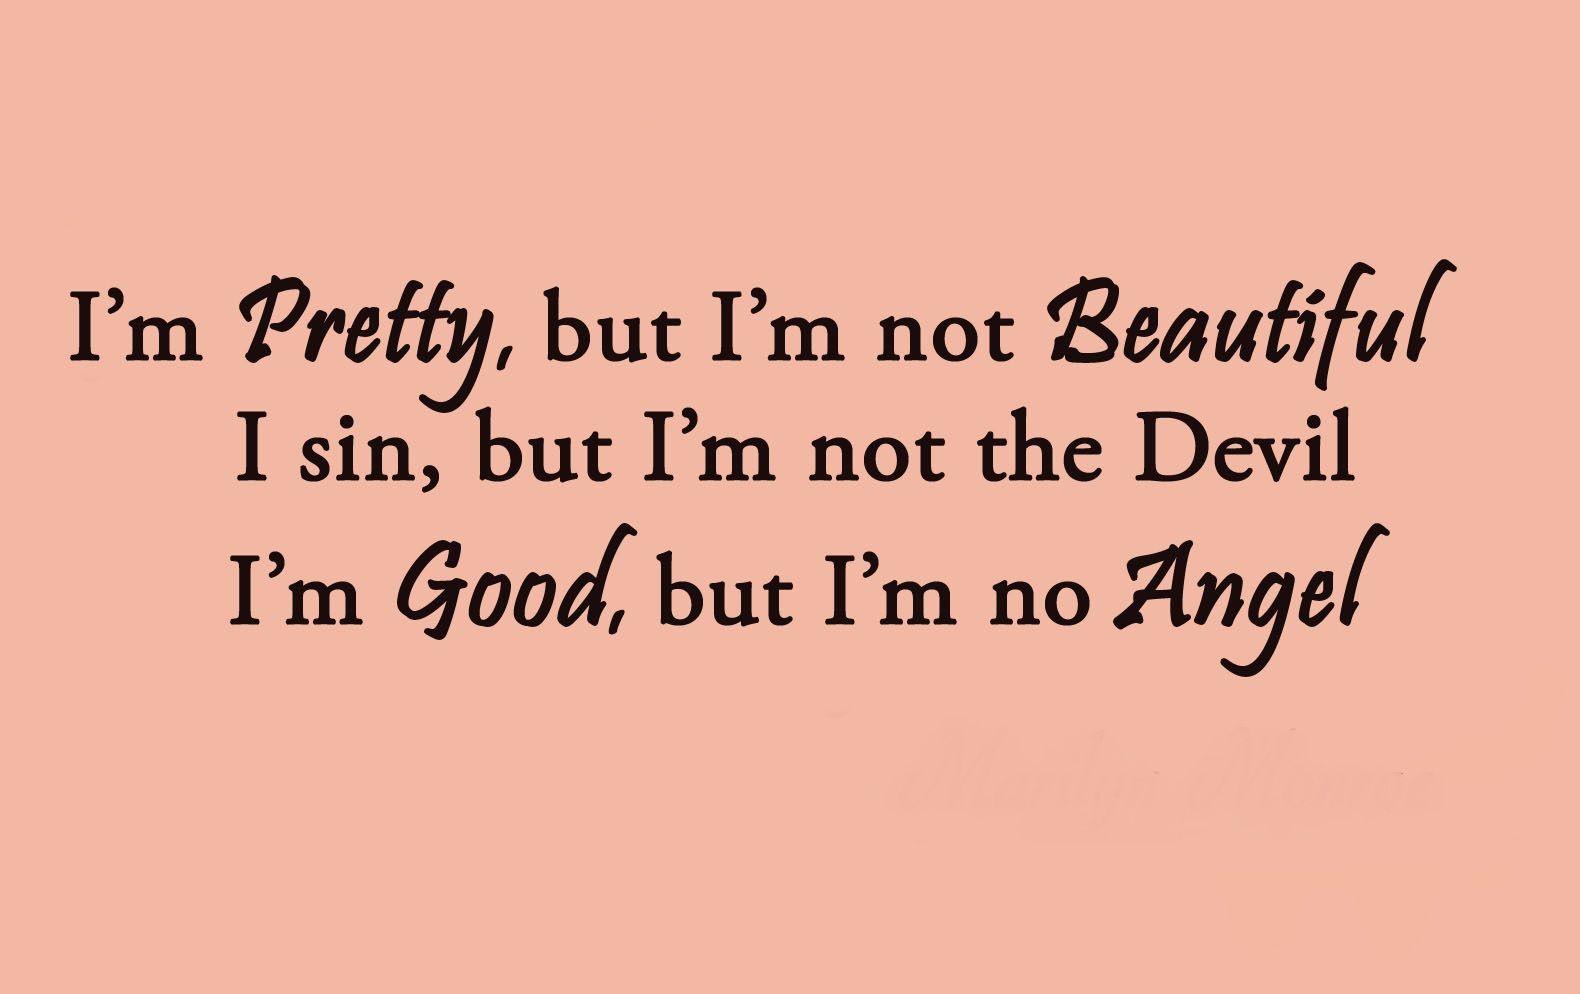 أنا حلوة ولكنني لست جميلة أنا أخطأ ولكنني لست شيطان أنا طيبة ولكنني لست ملاك Im Awesome Sayings Beautiful